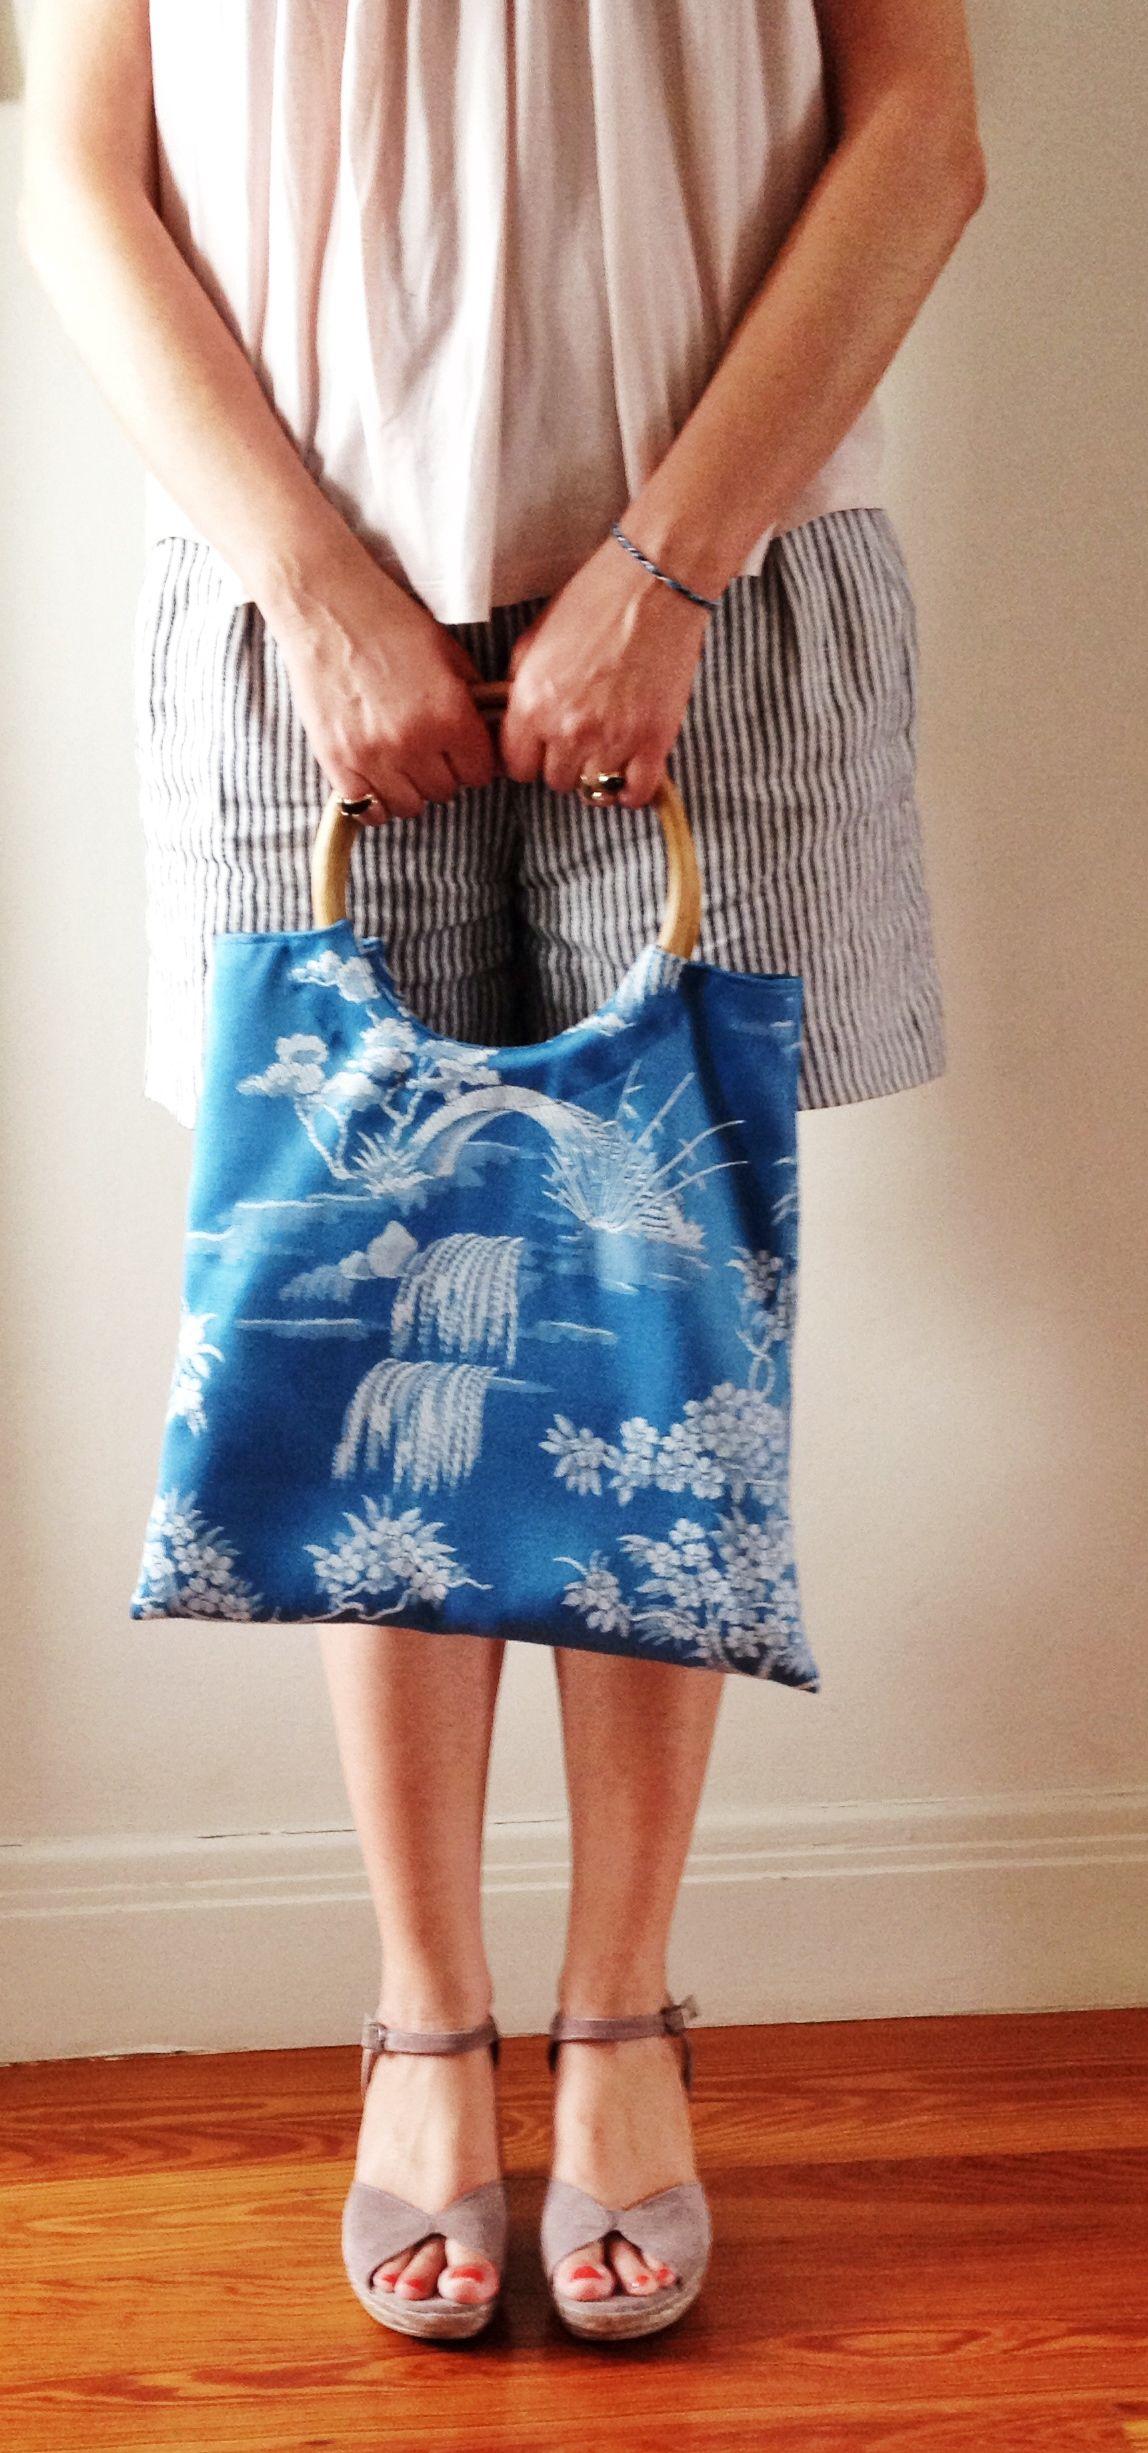 Bolso veraniego con tela de colchón en jacqard y asas de goma.